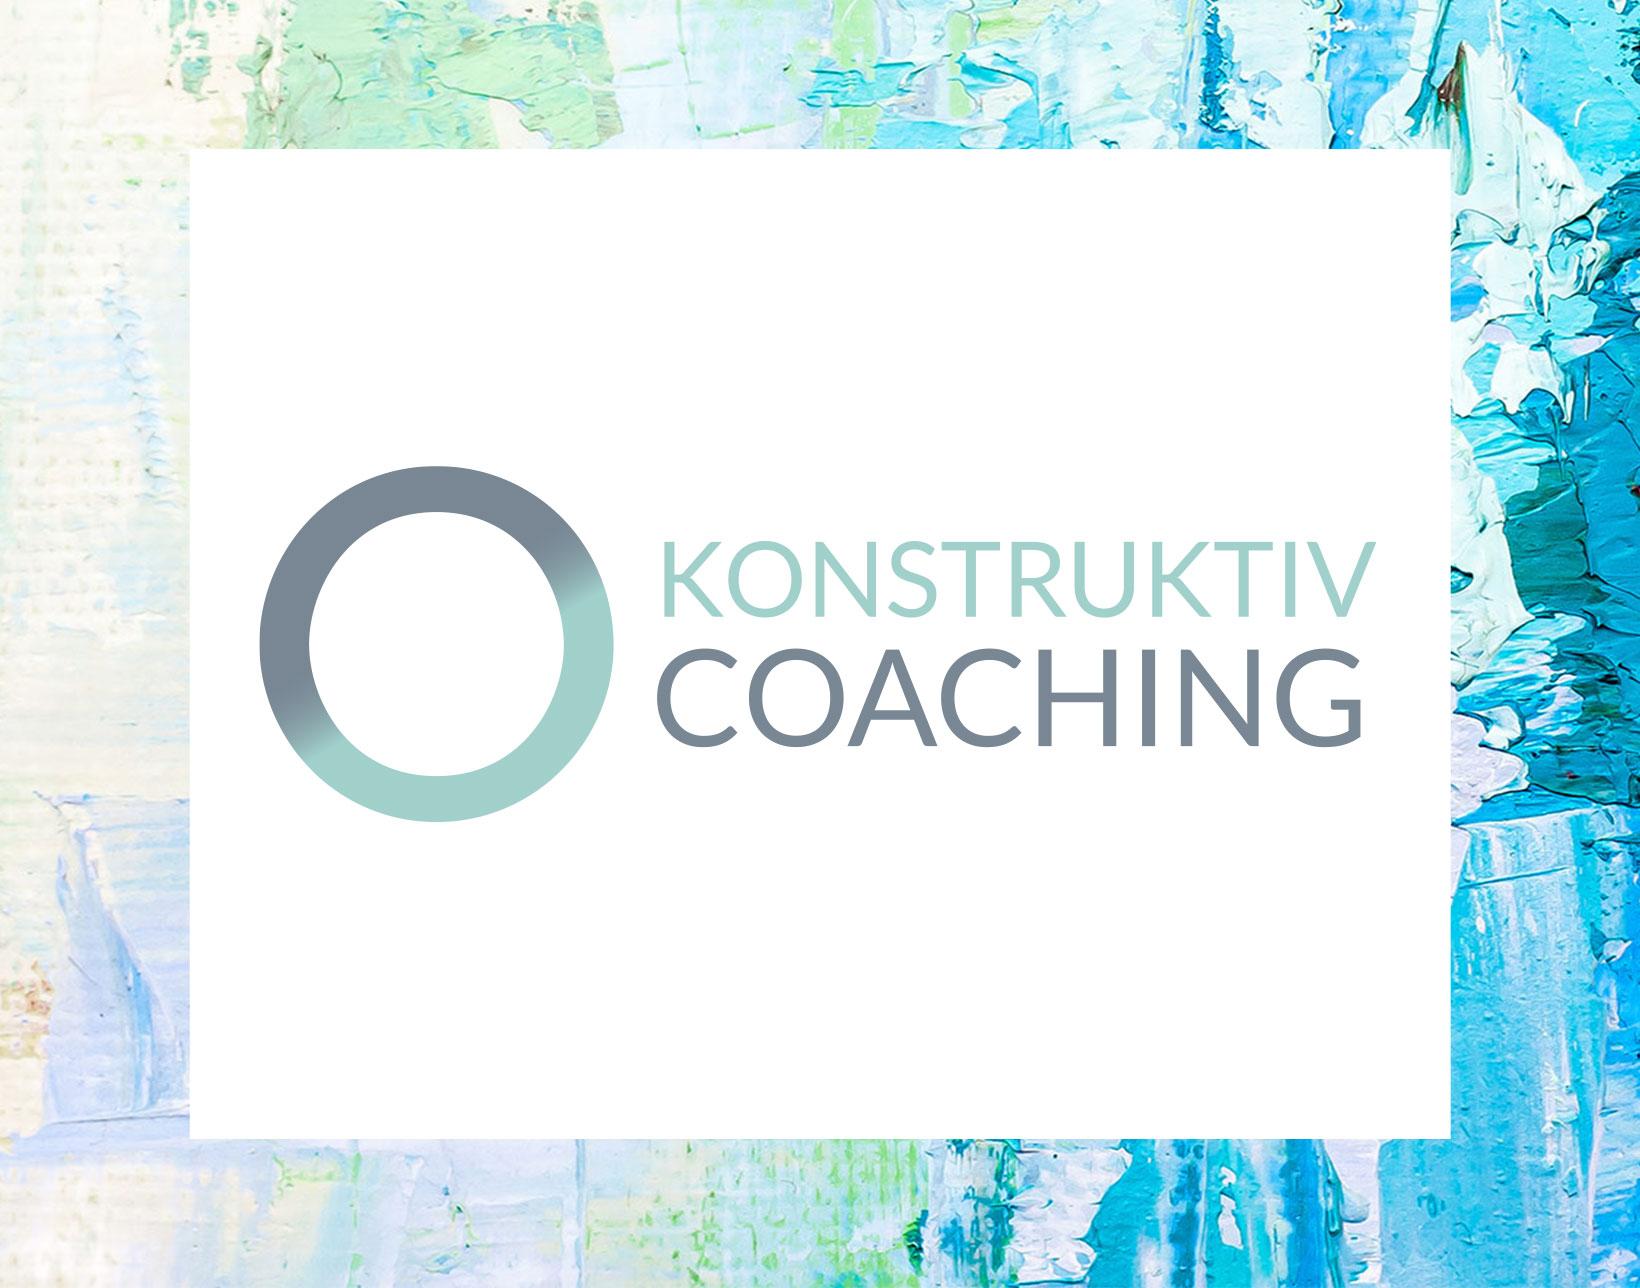 Logo Konstruktiv Coaching